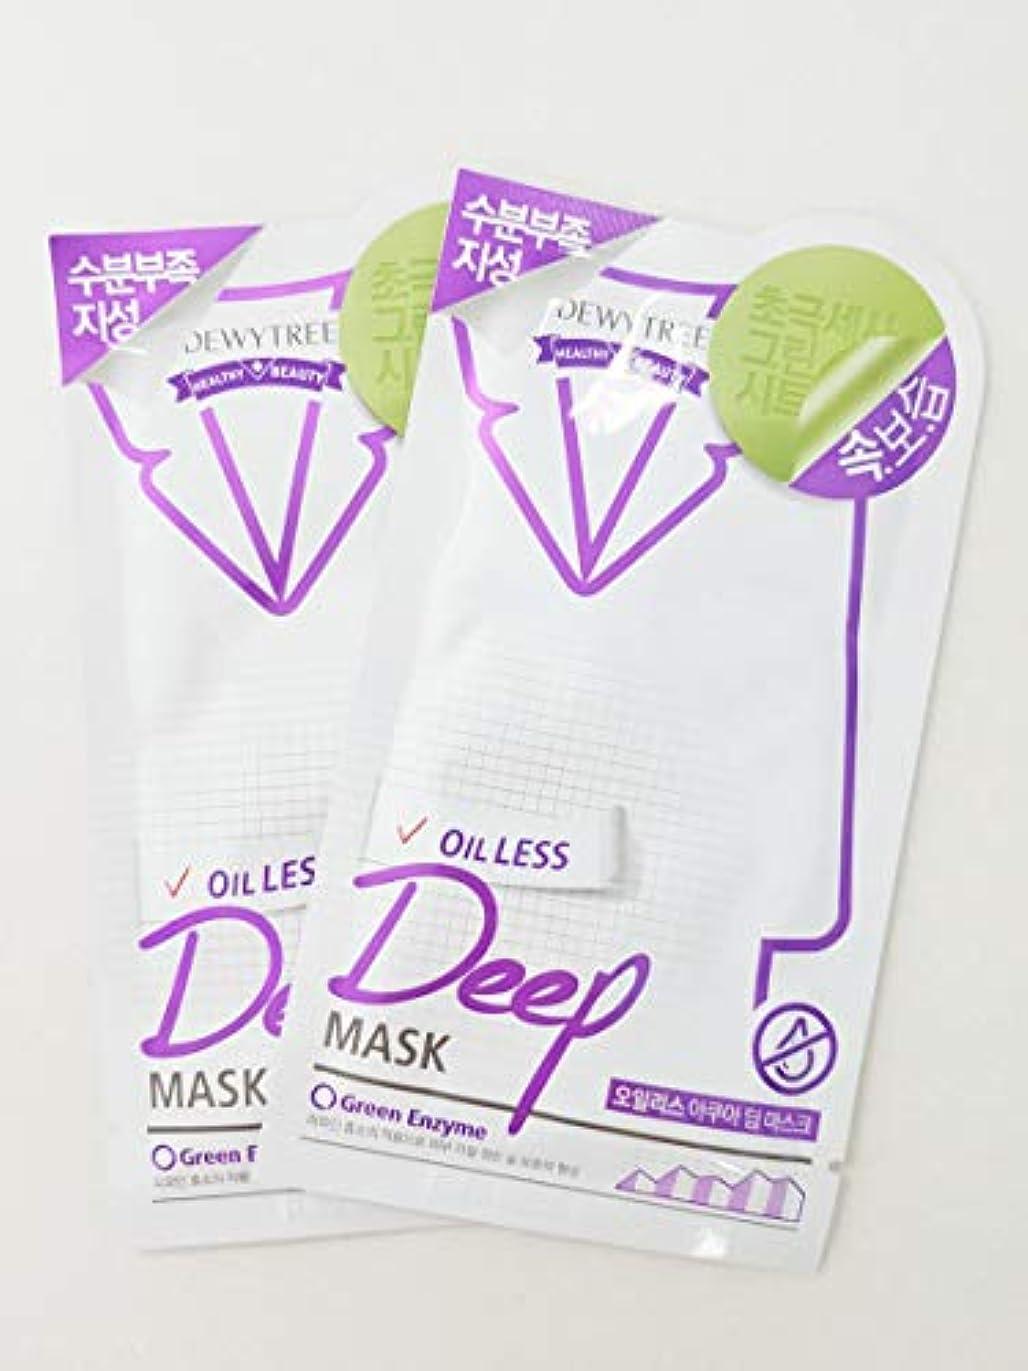 バンド電子レンジ間違っている(デューイトゥリー) DEWYTREE オイルレスアクアディープマスク 20枚 Oilless Aqua Dip Mask 韓国マスクパック (並行輸入品)